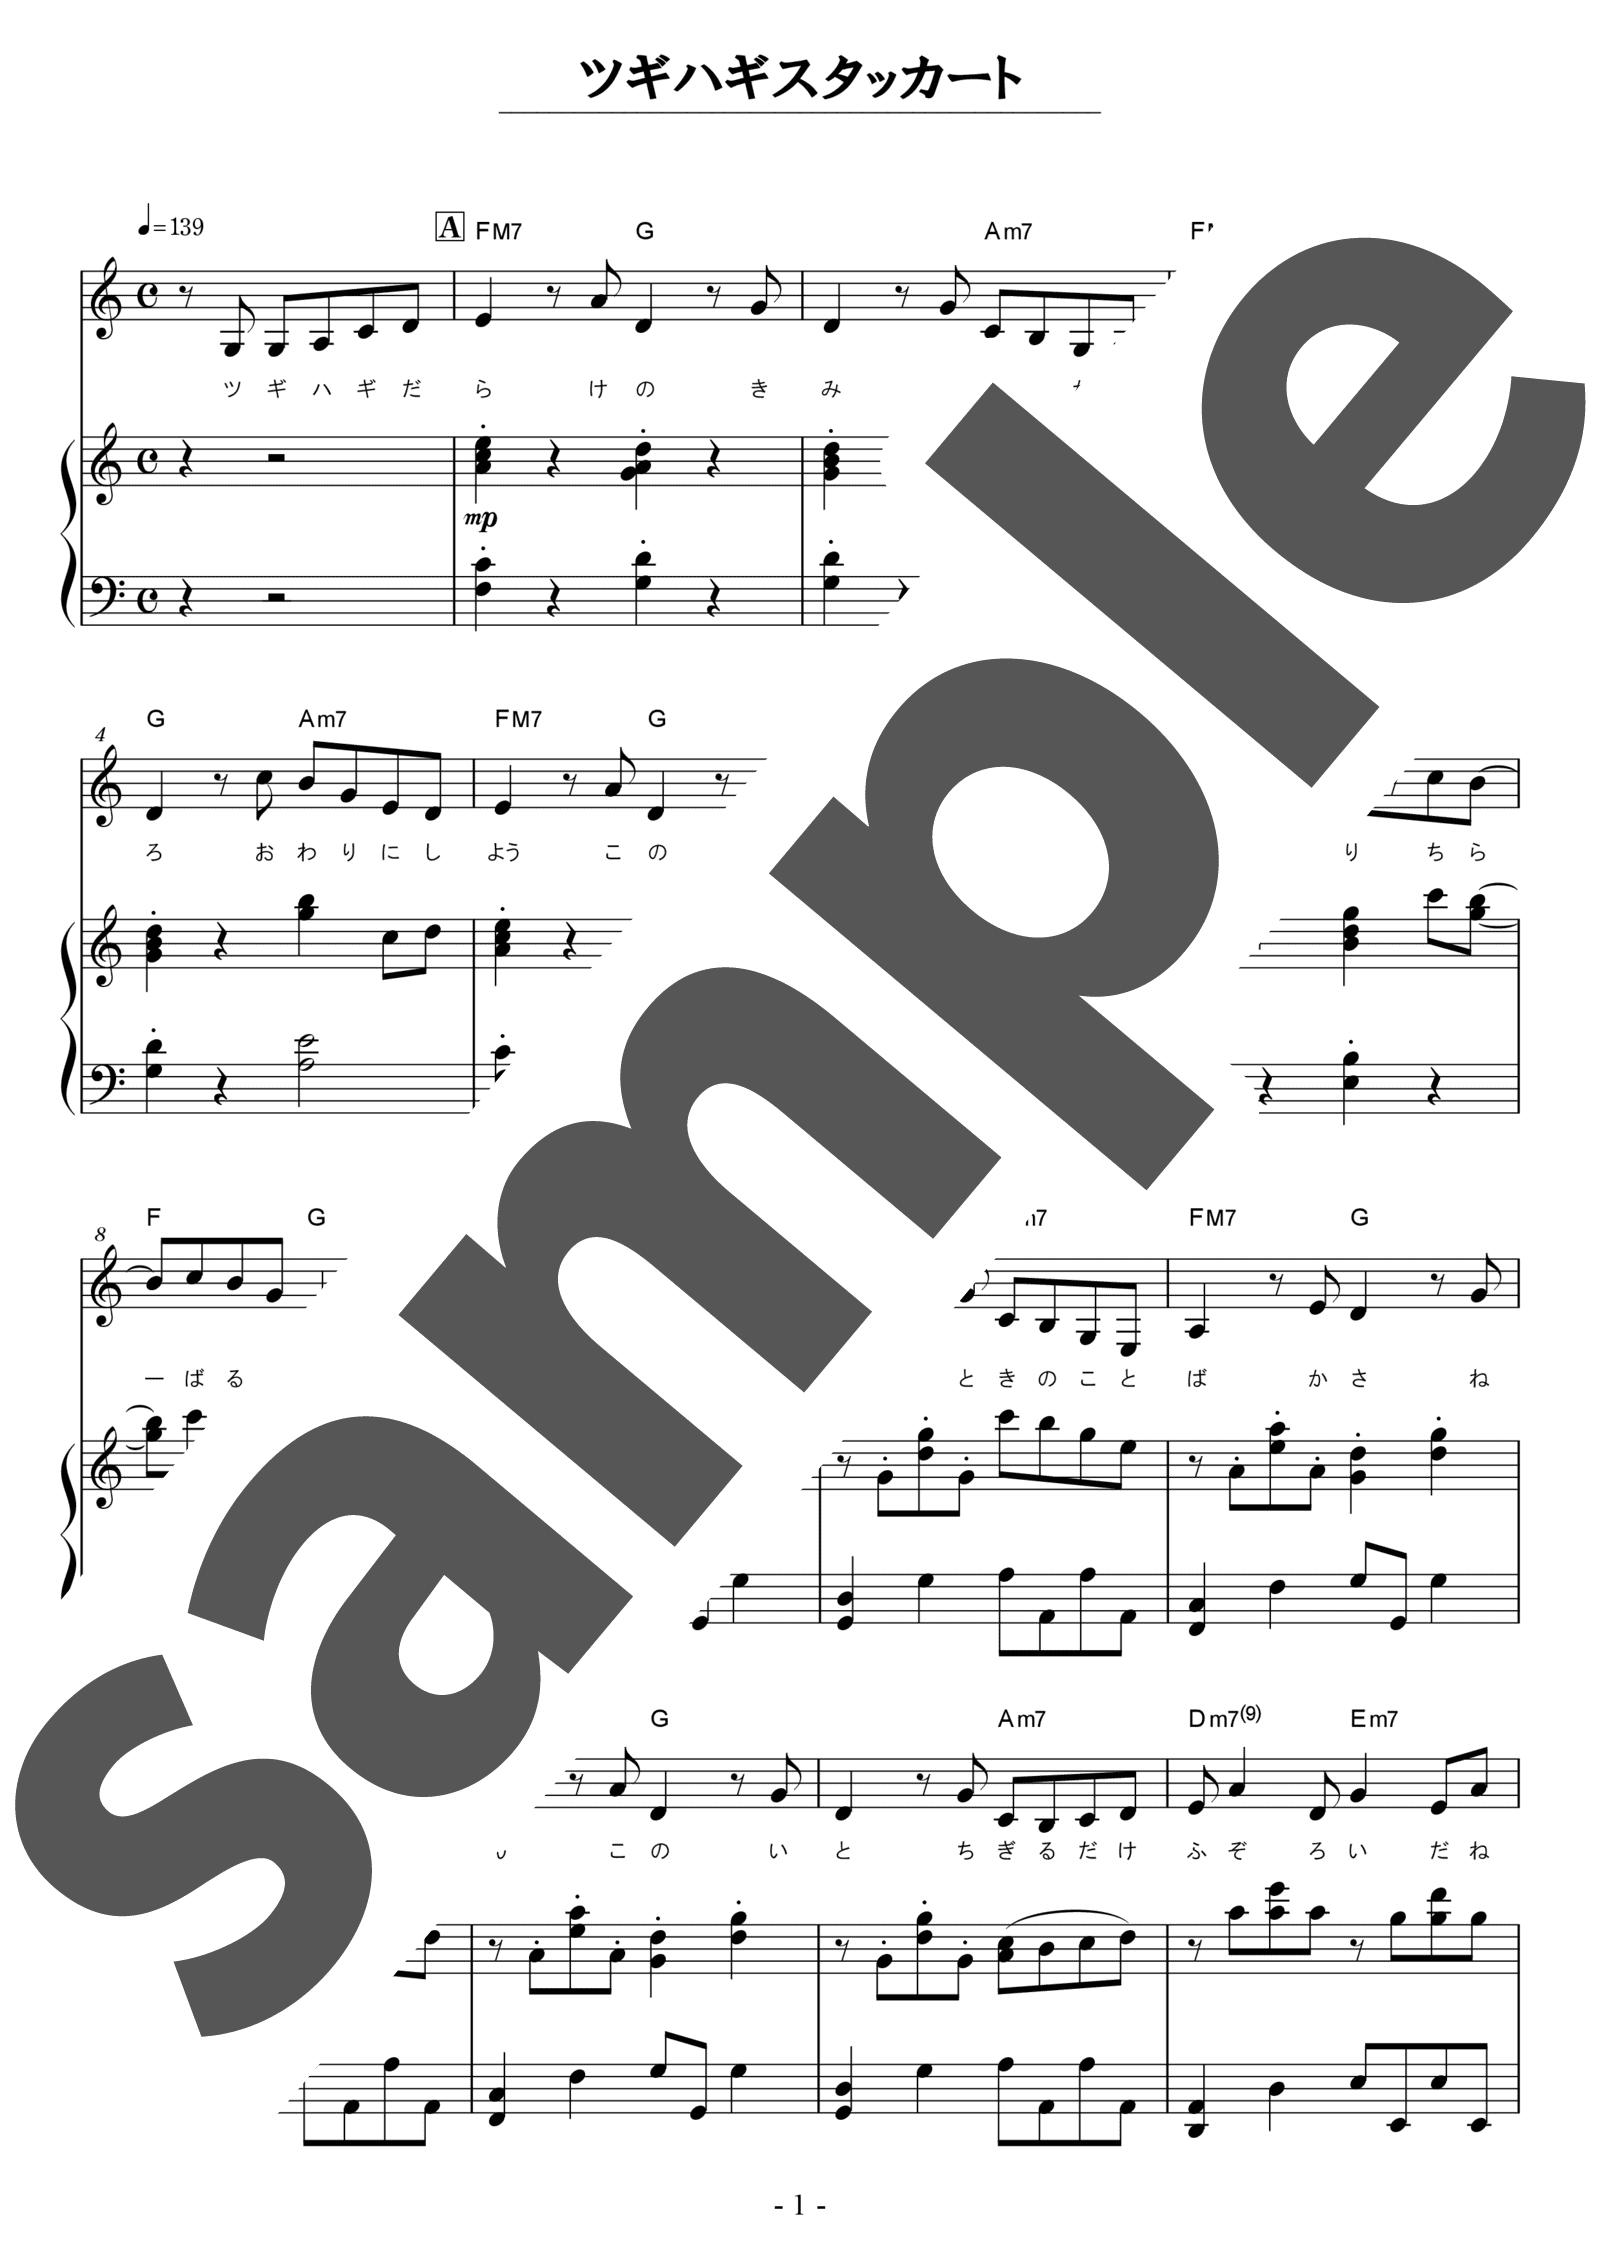 「ツギハギスタッカート」のサンプル楽譜